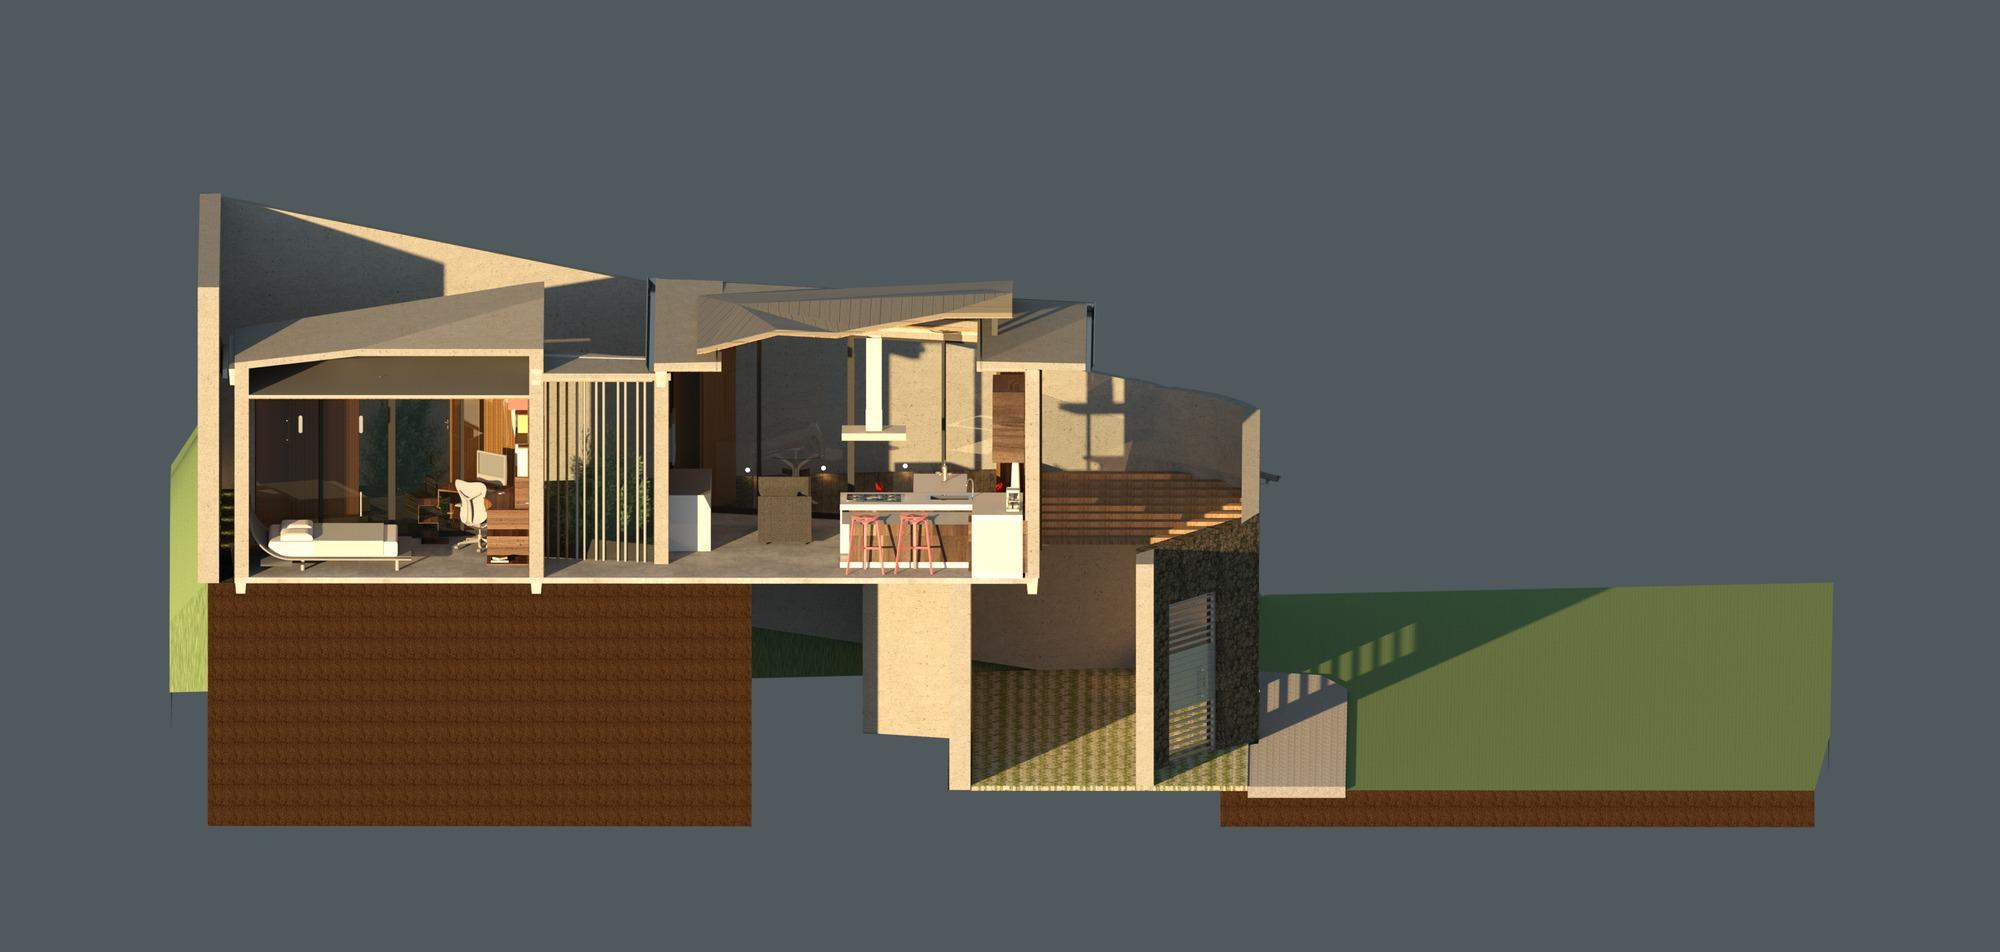 Raas-rendering20150610-25010-5pdrpa